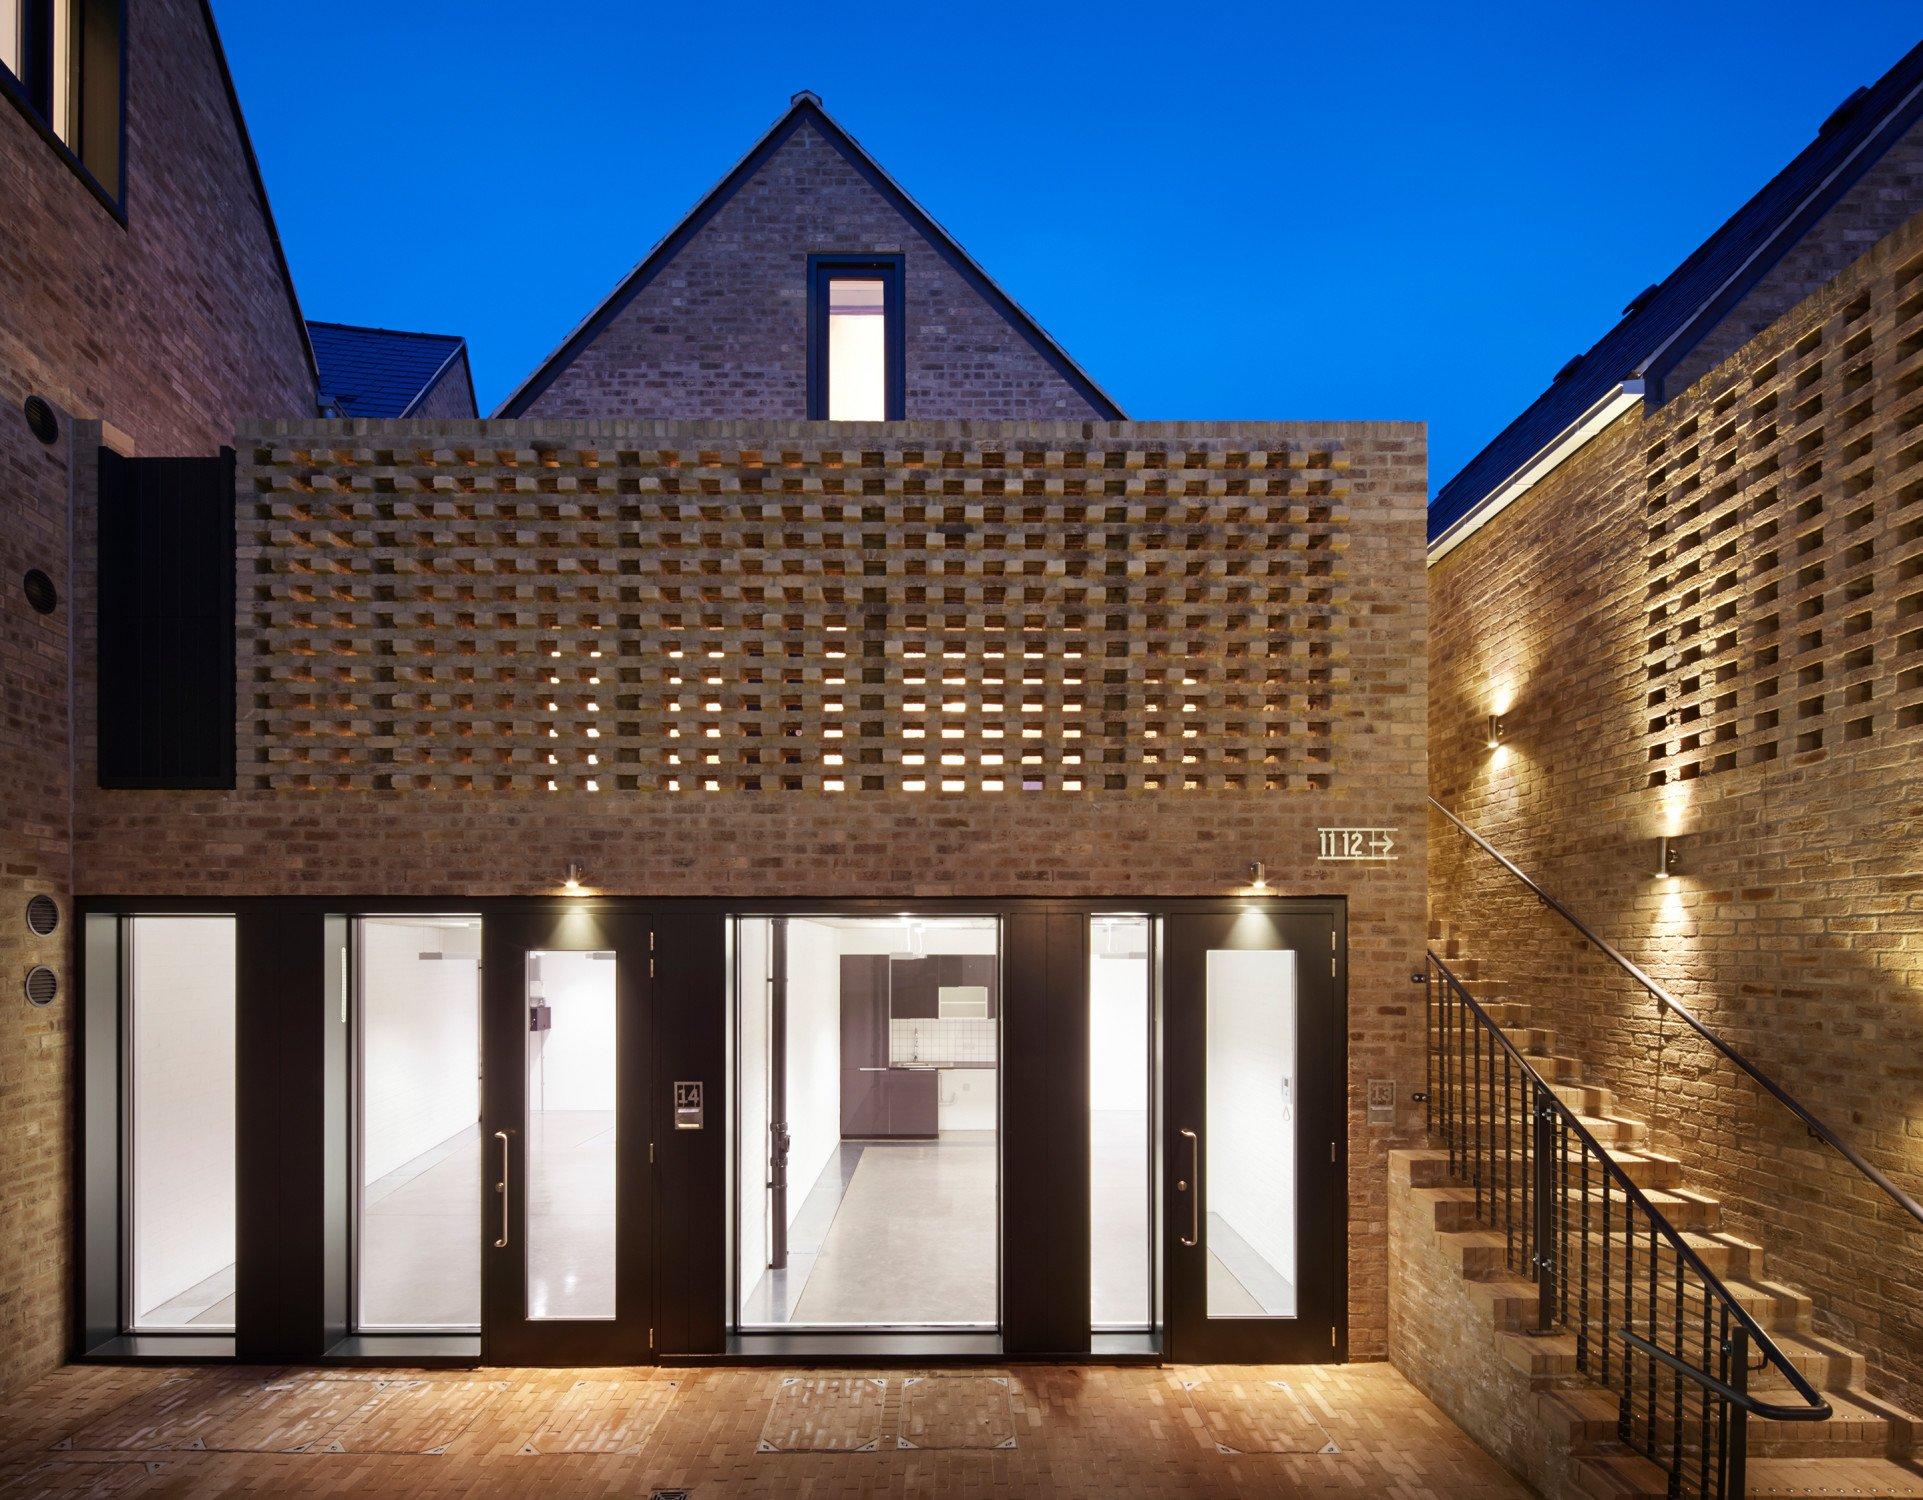 Wohn- und Studioensemble Foundry Mews in London | Mauerwerk | Wohnen ...